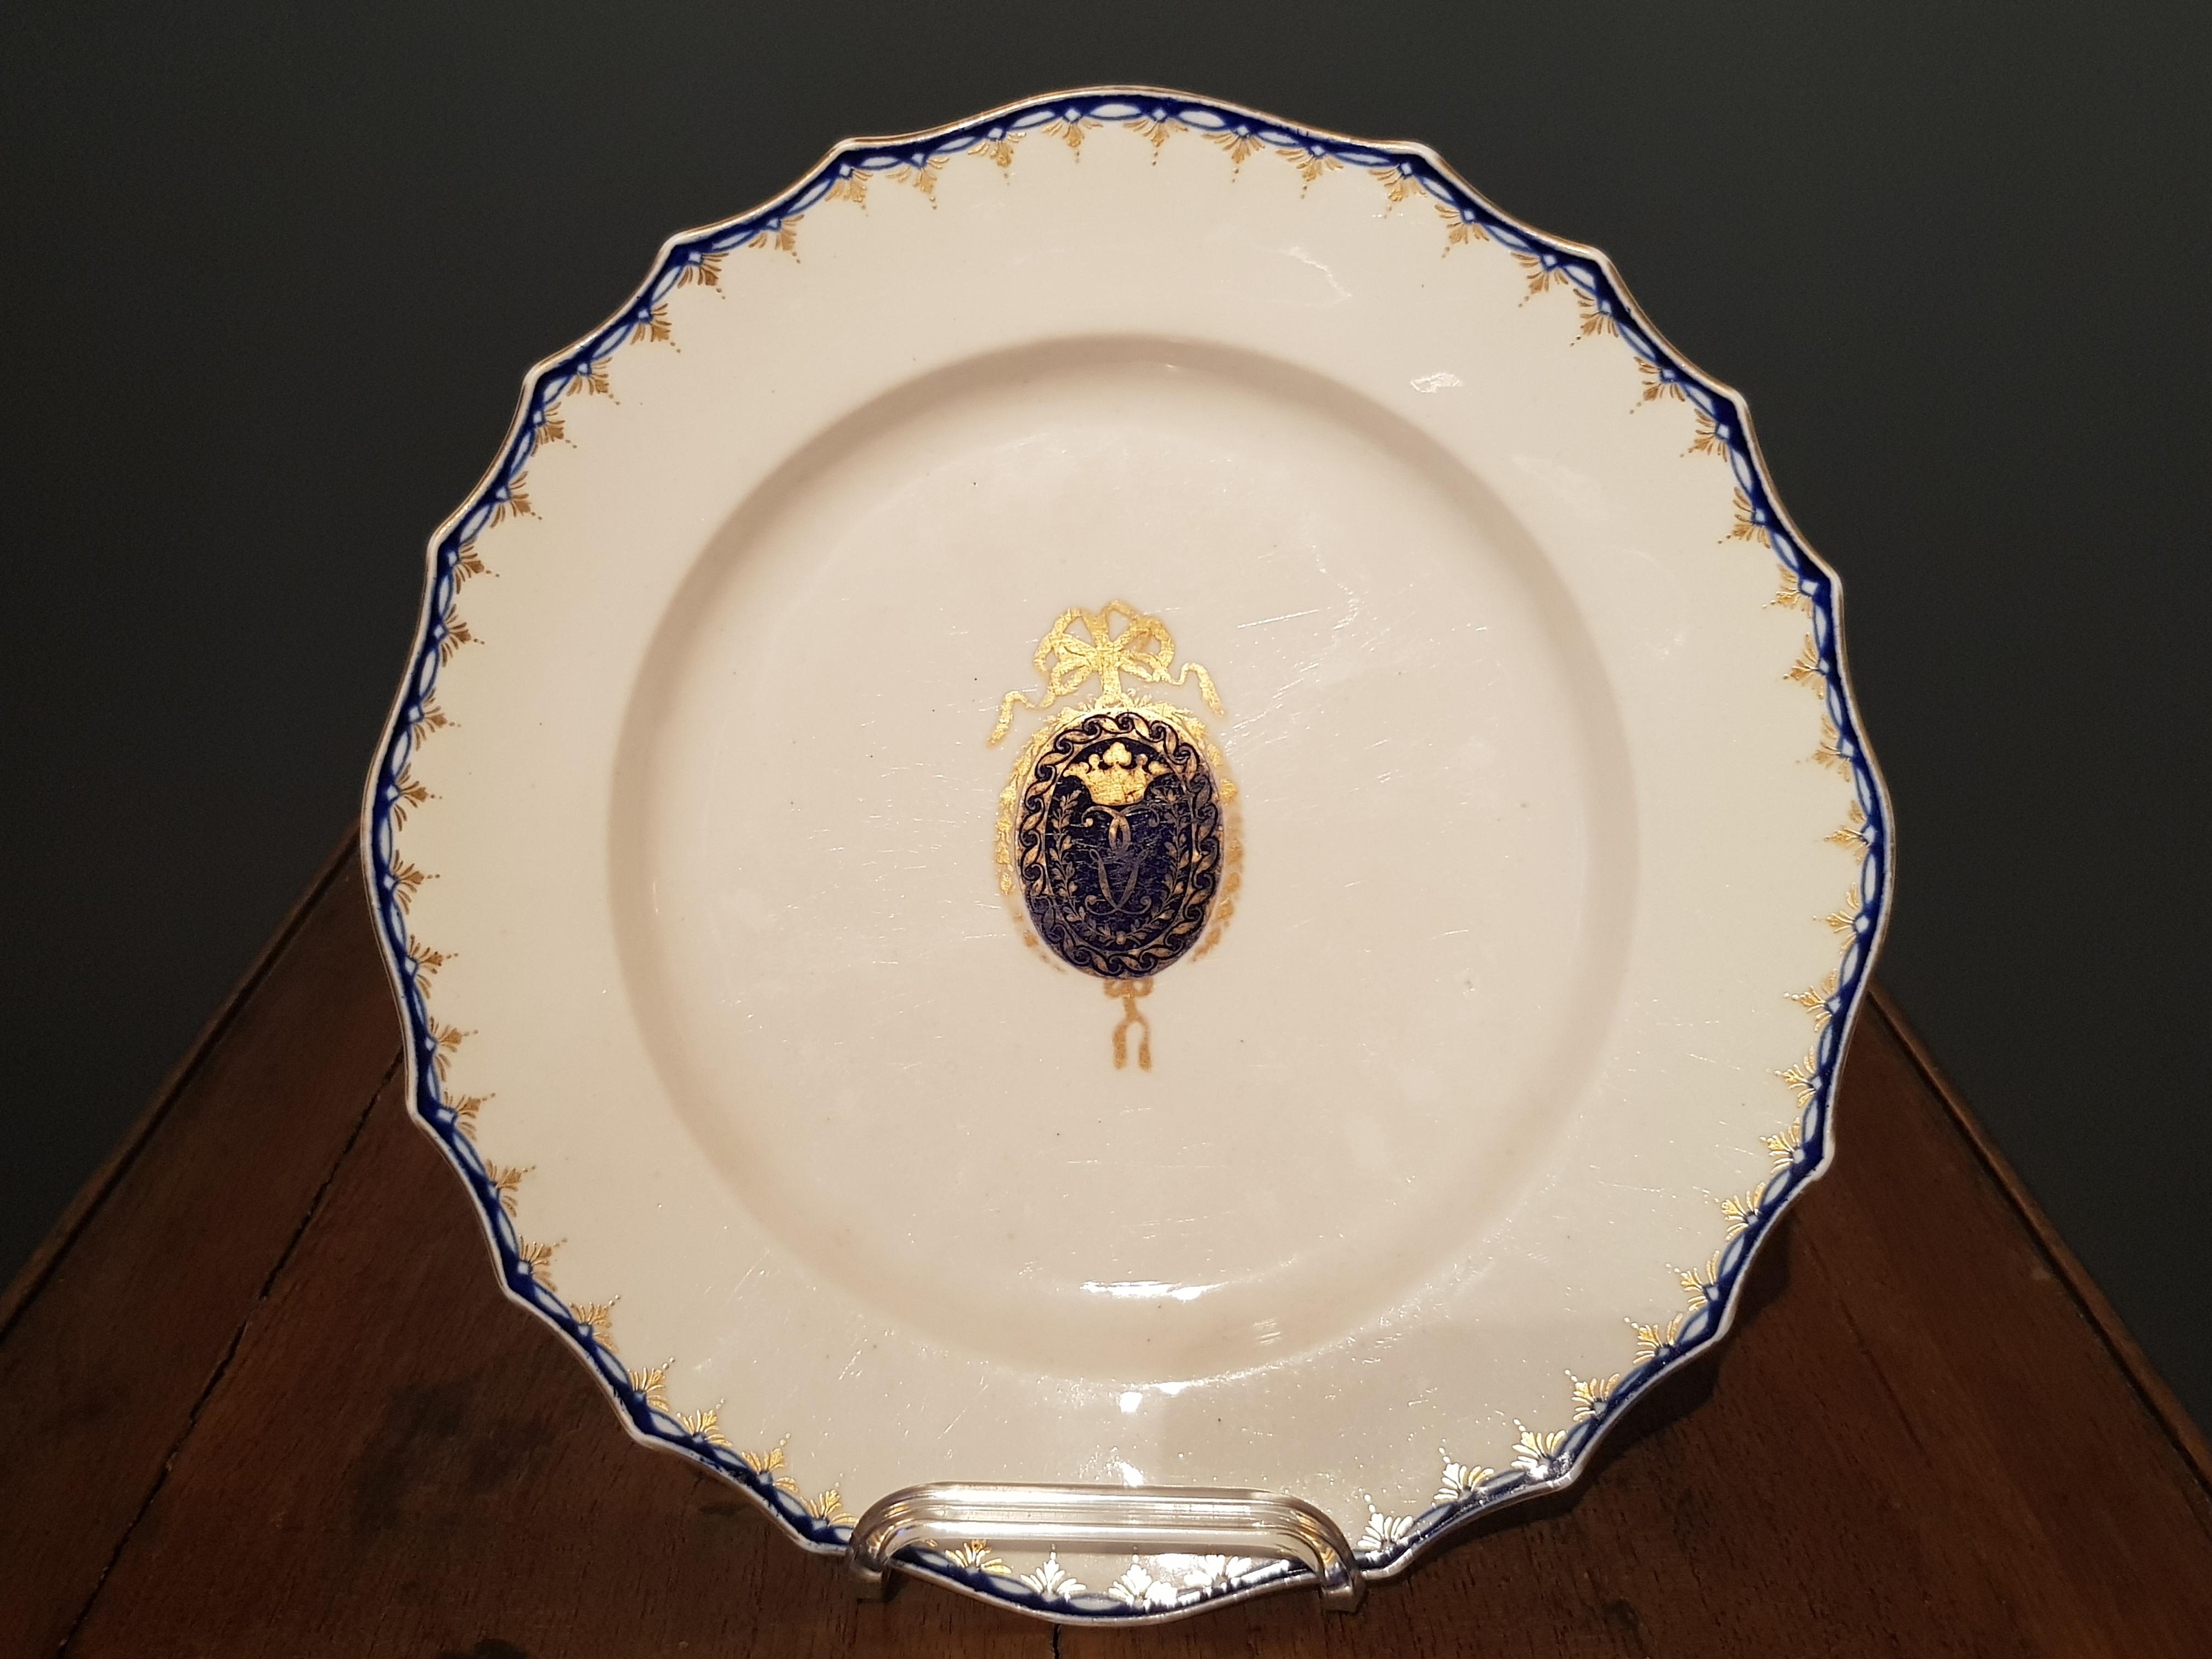 Assiette Famille Goetaels en Porcelaine de Tournai Image